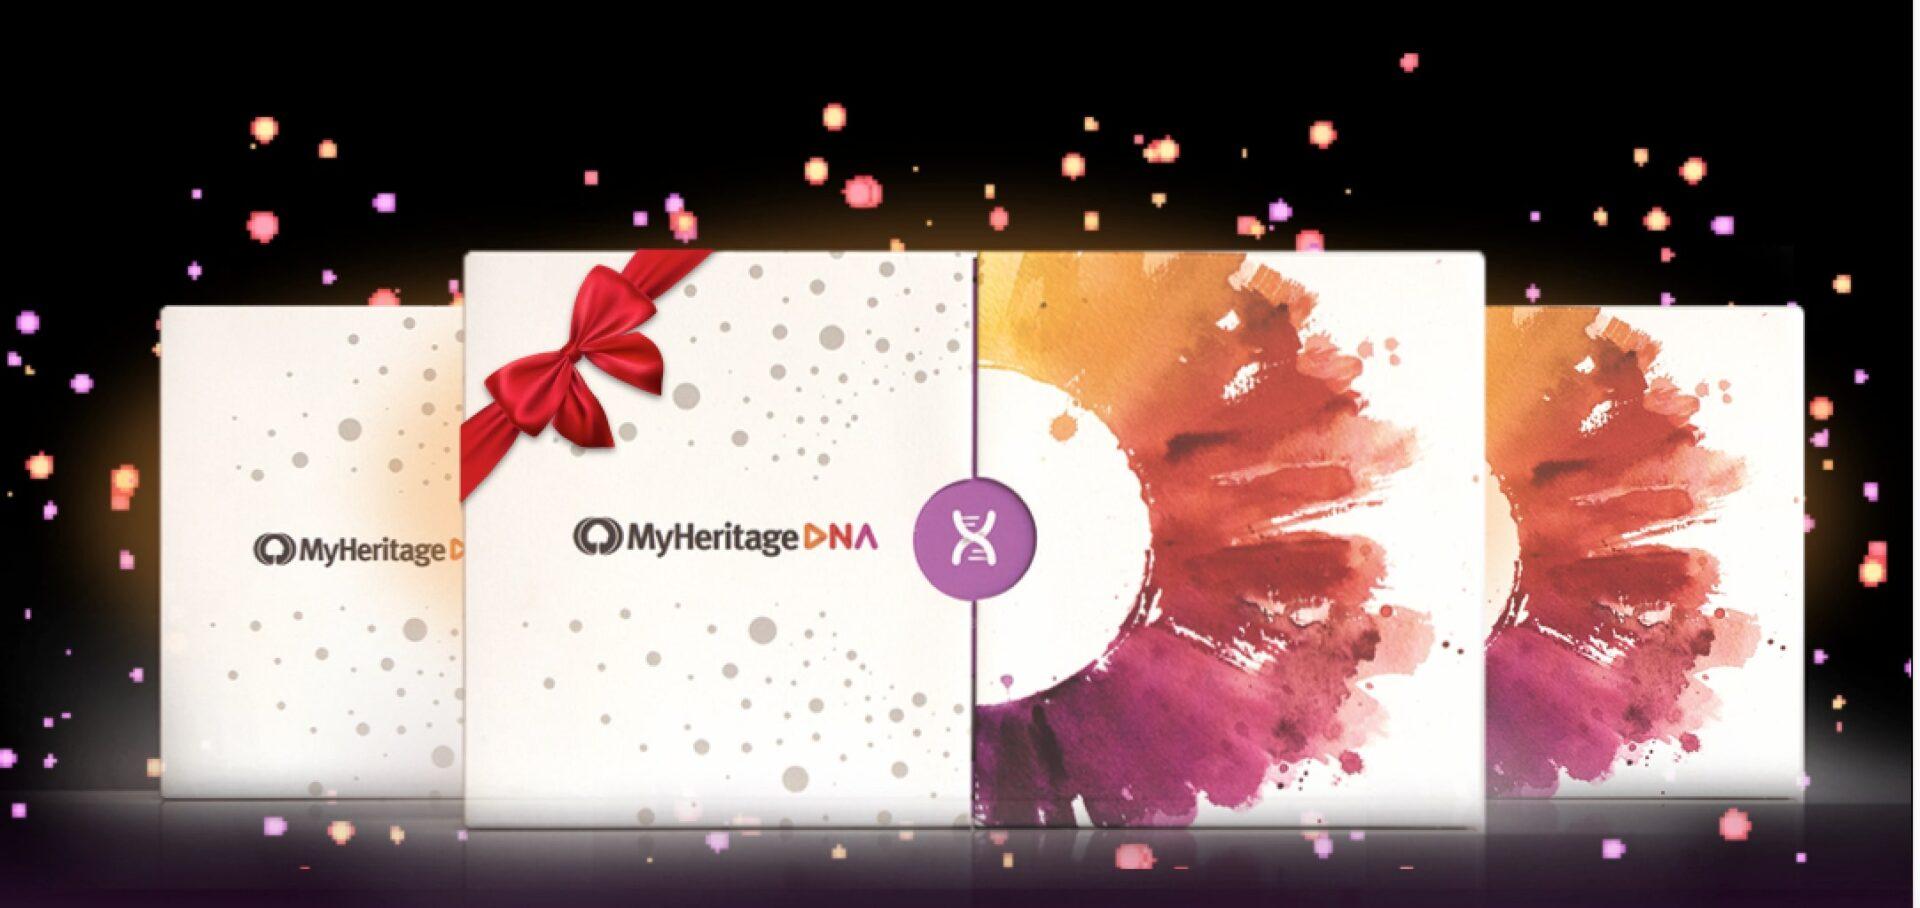 MyHeritage DNA afb Wendy 1 Ontdek je roots met deze DNA test + winactie!